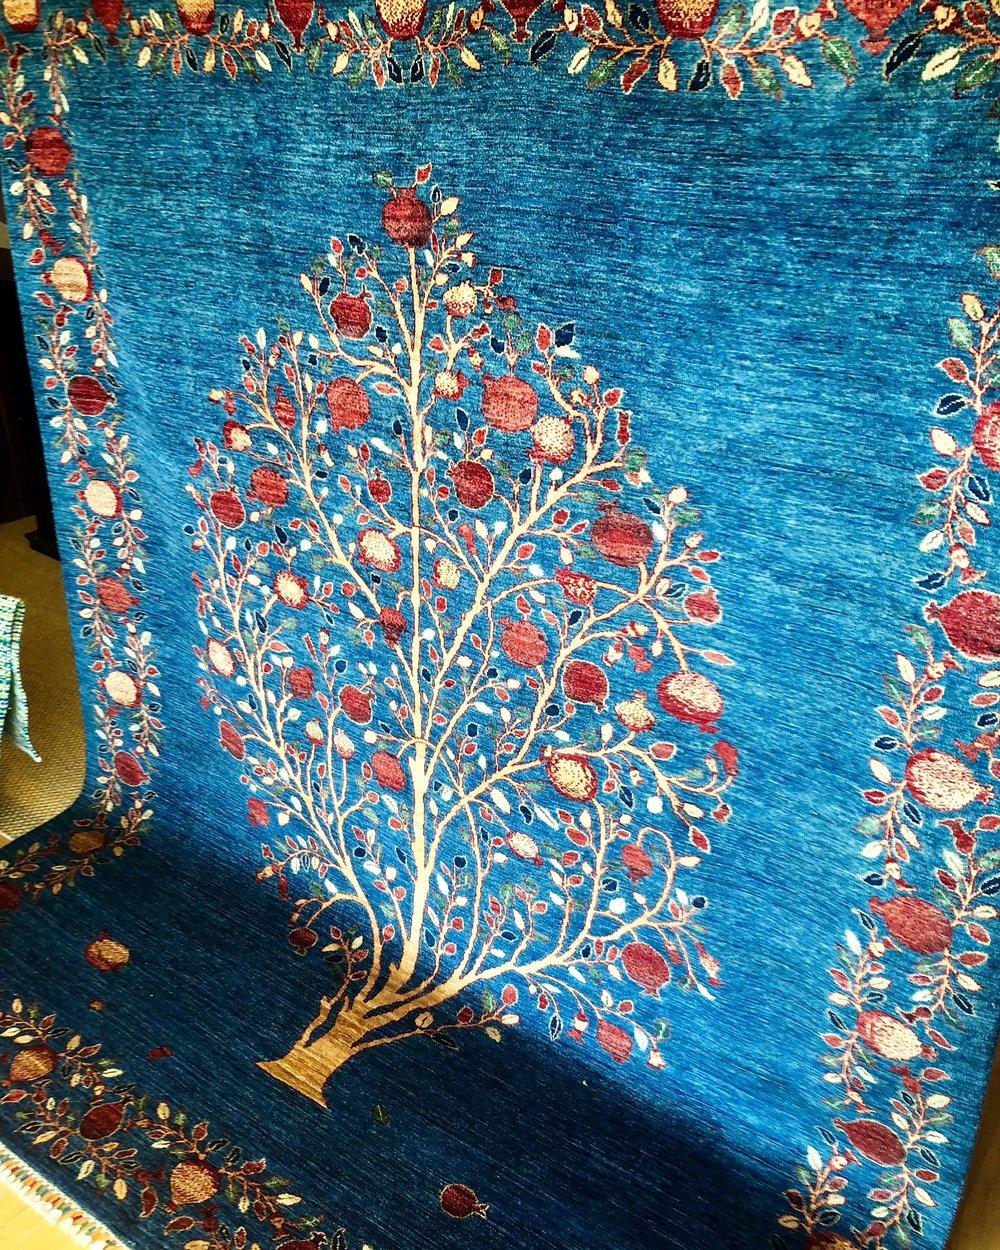 Pomegranate tree rug, symbolizing fertility, abundance, and good health.